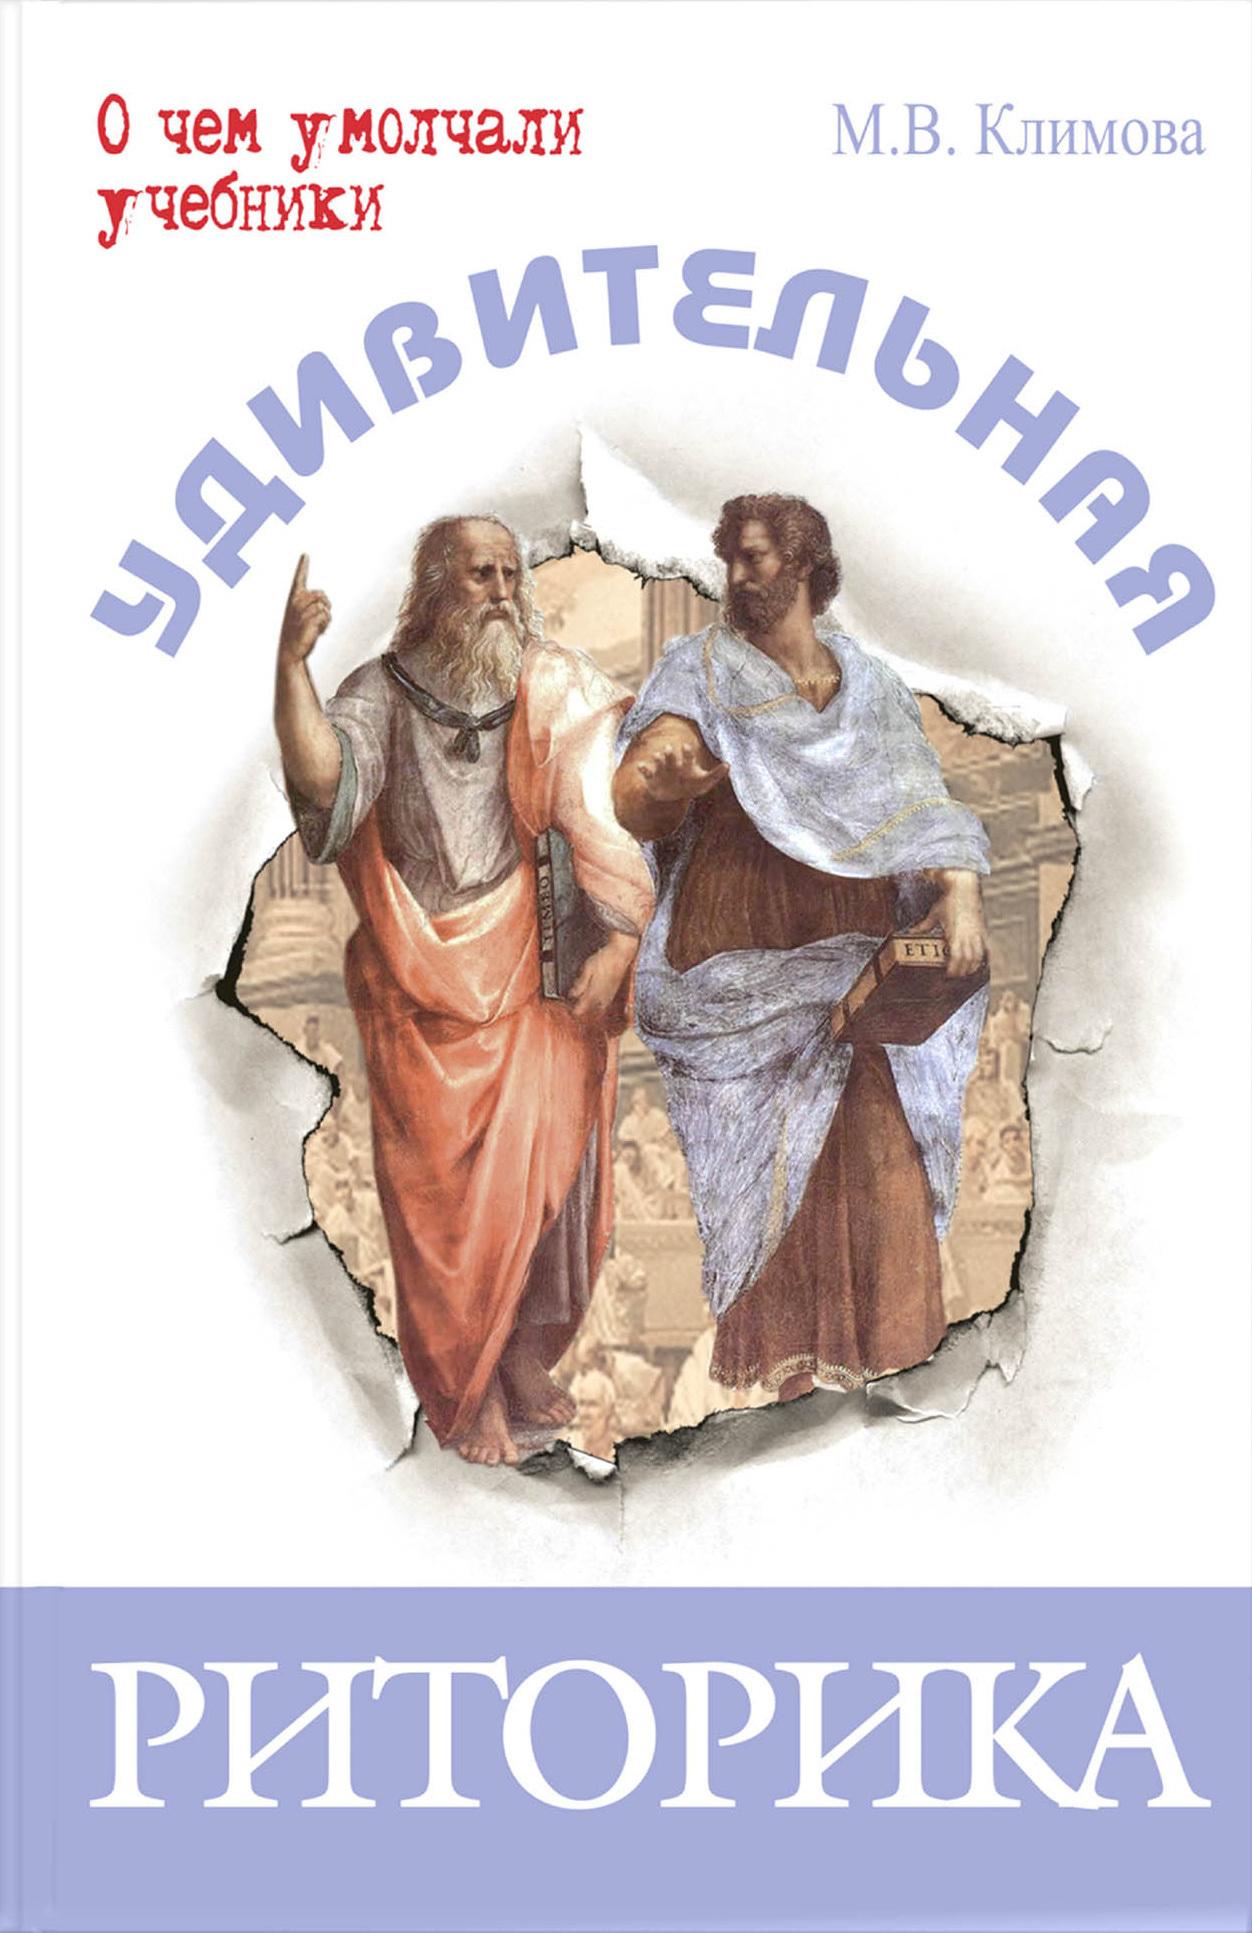 М. В. Климова Удивительная риторика ISBN: 978-5-91921-333-8 климова м в удивительная риторика isbn 978 5 91921 333 8